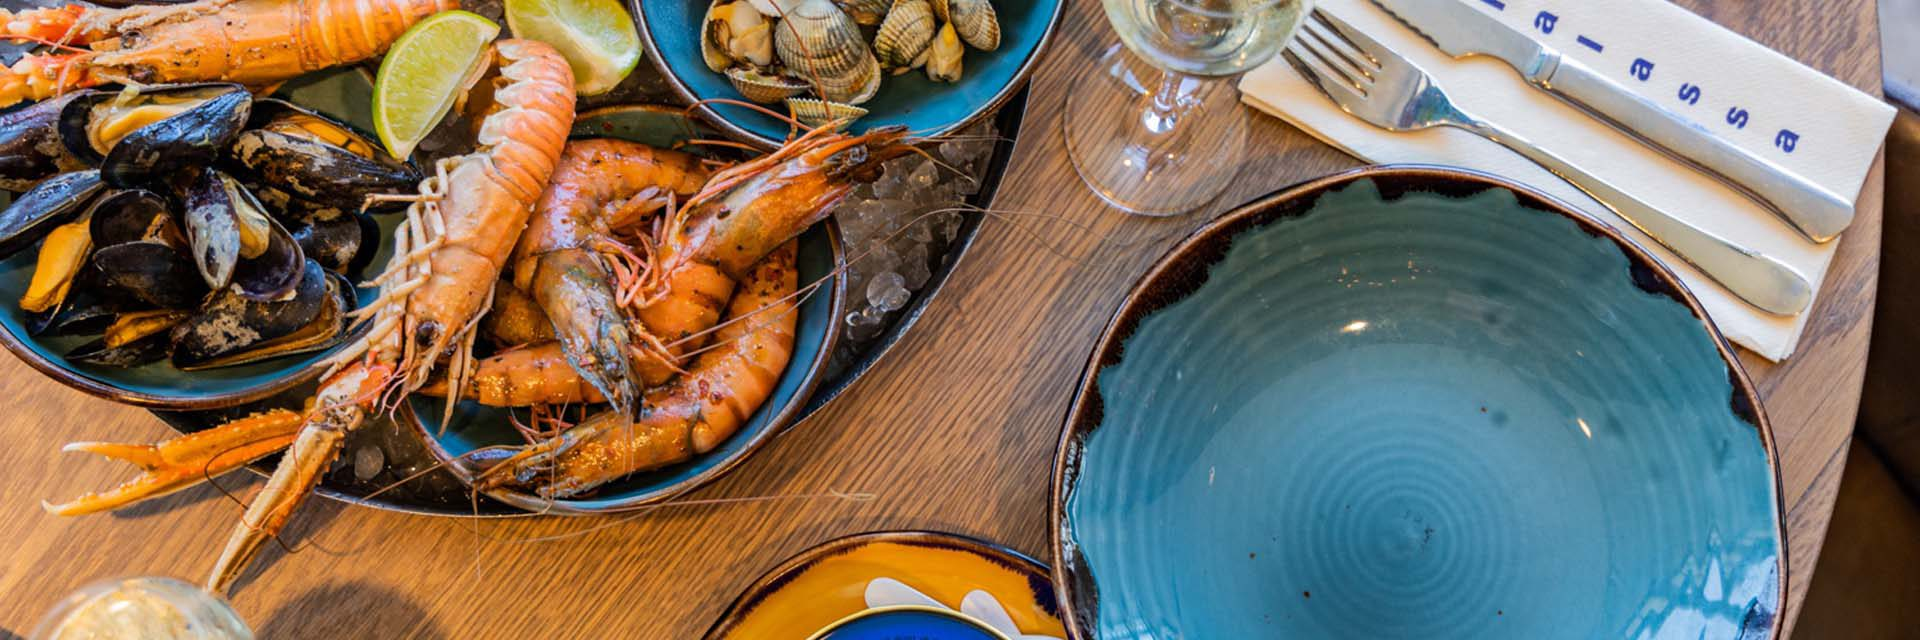 Restaurant Thalasaa Zandvoort - Visrestaurant aan zee